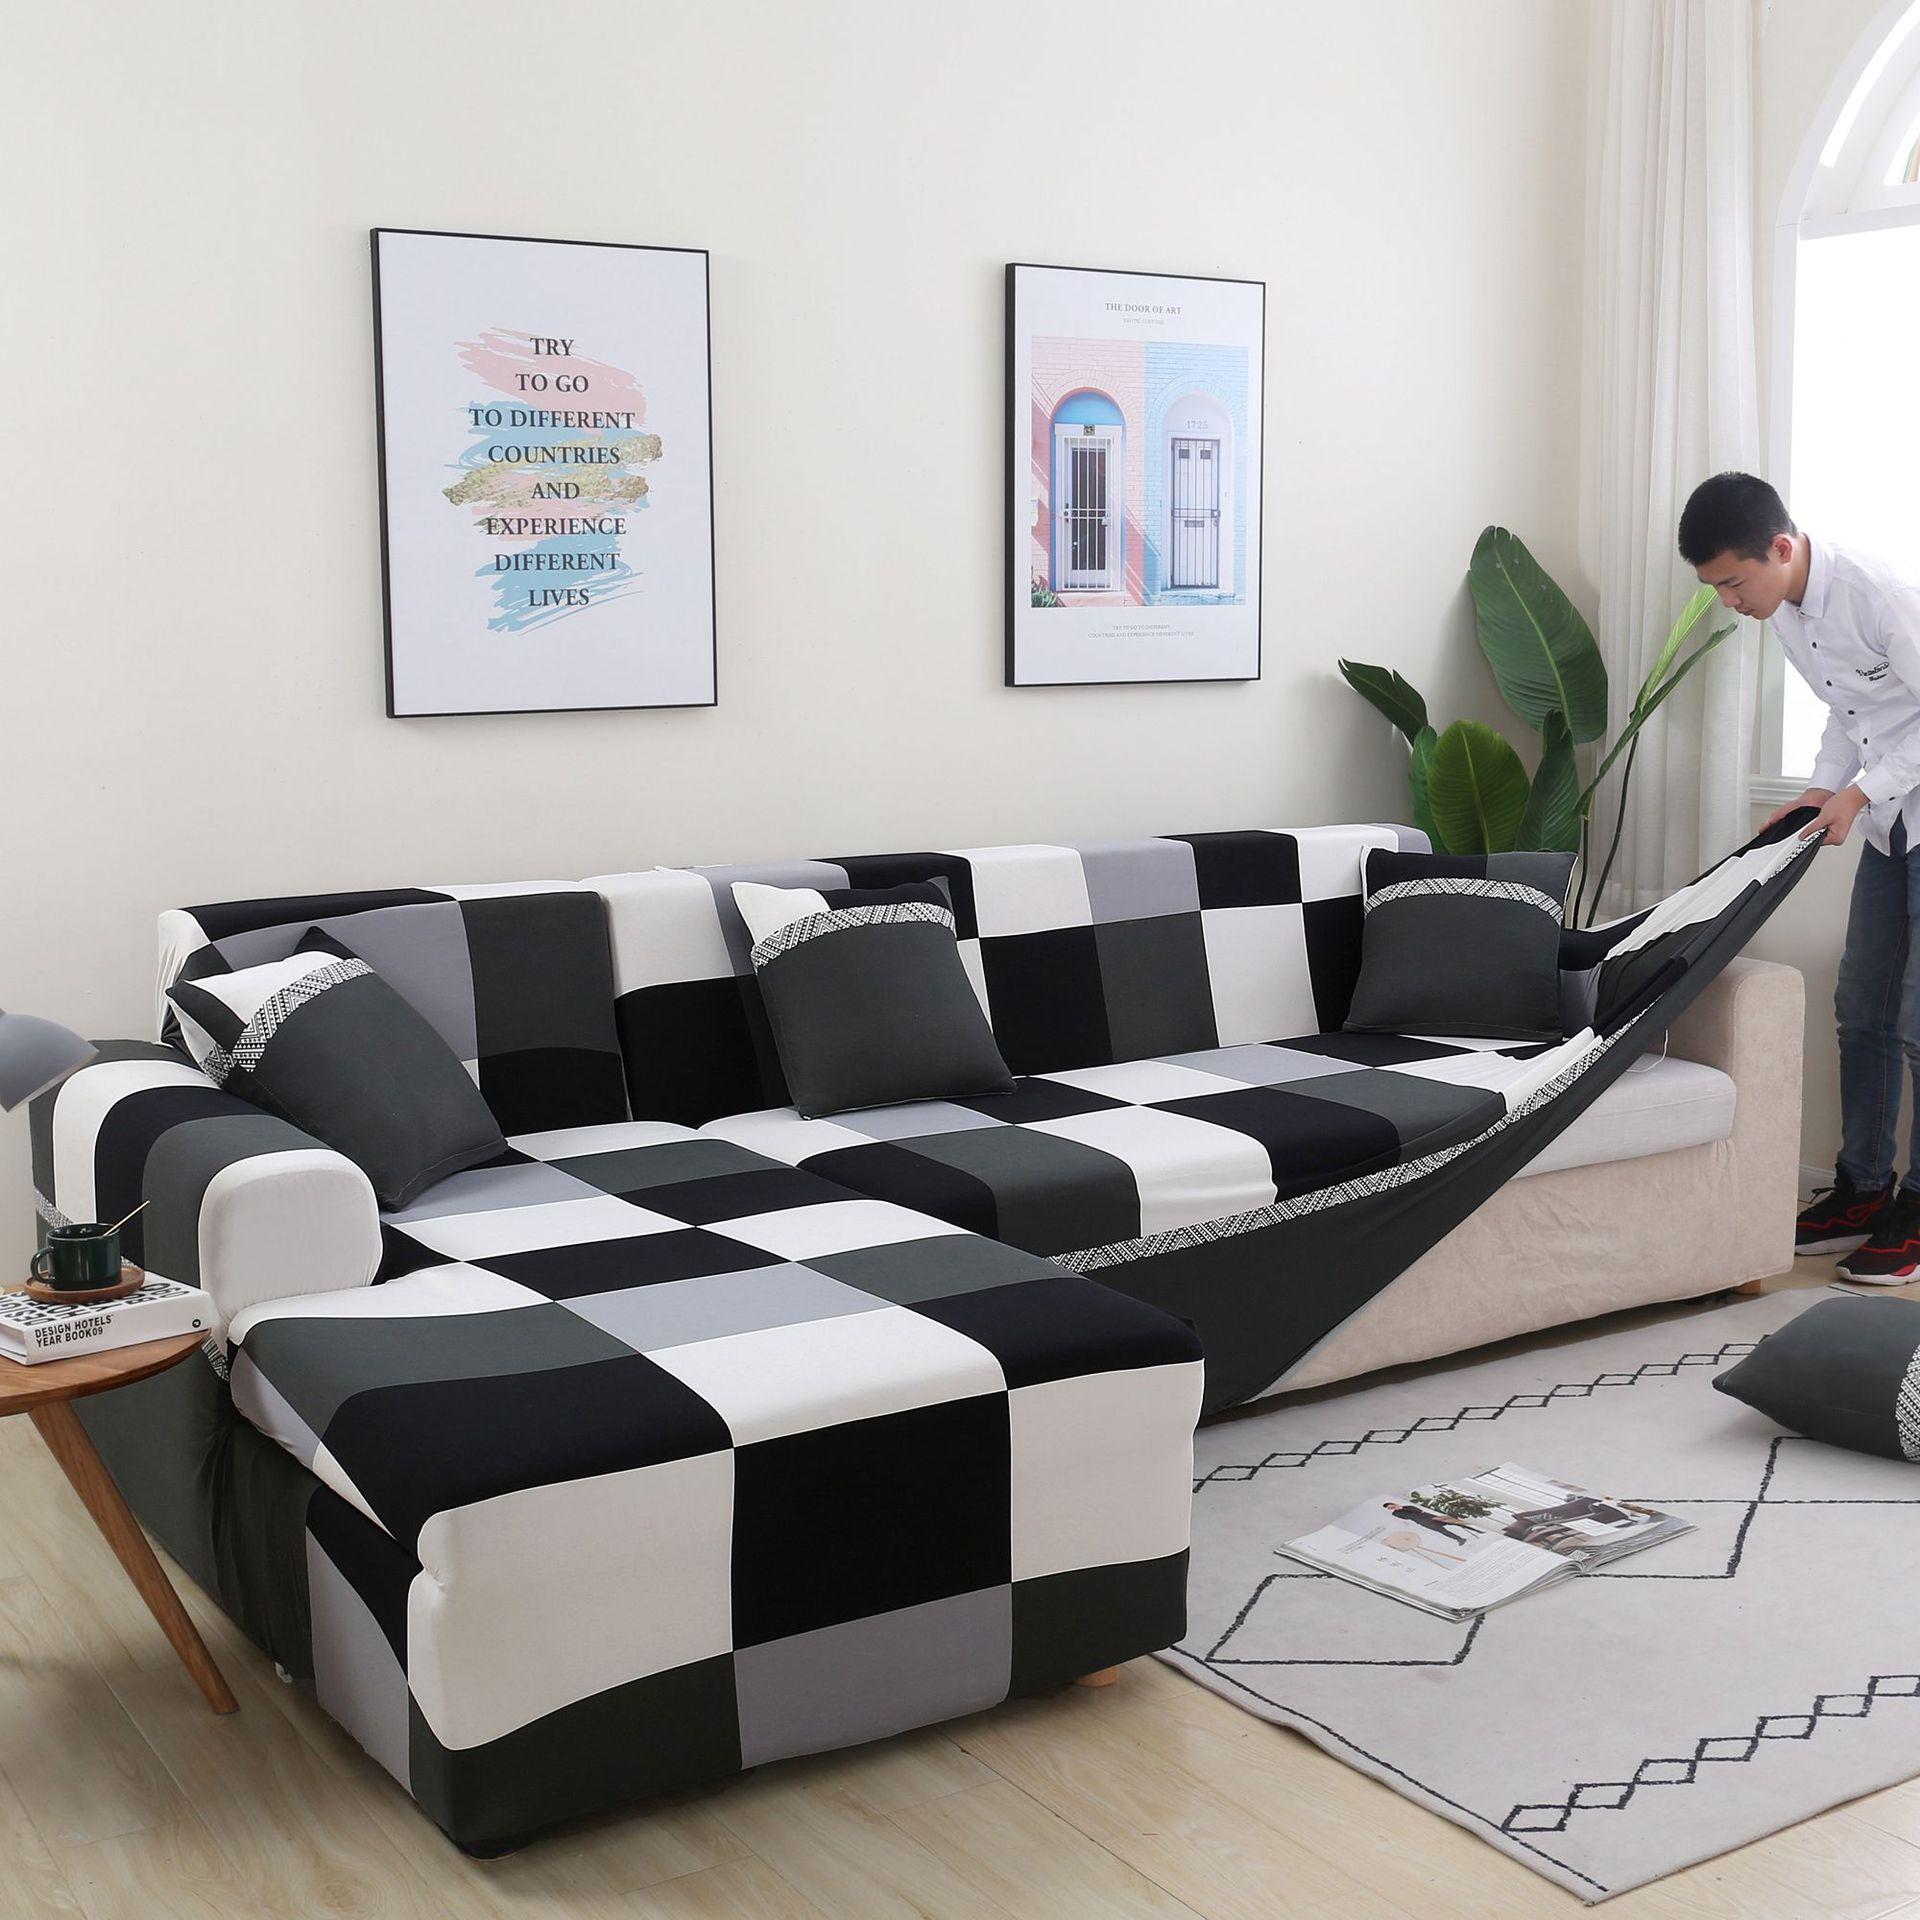 Эластичный чехол для дивана с геометрическим рисунком для гостиной, современный секционный чехол для углового дивана, чехол для дивана, защ...